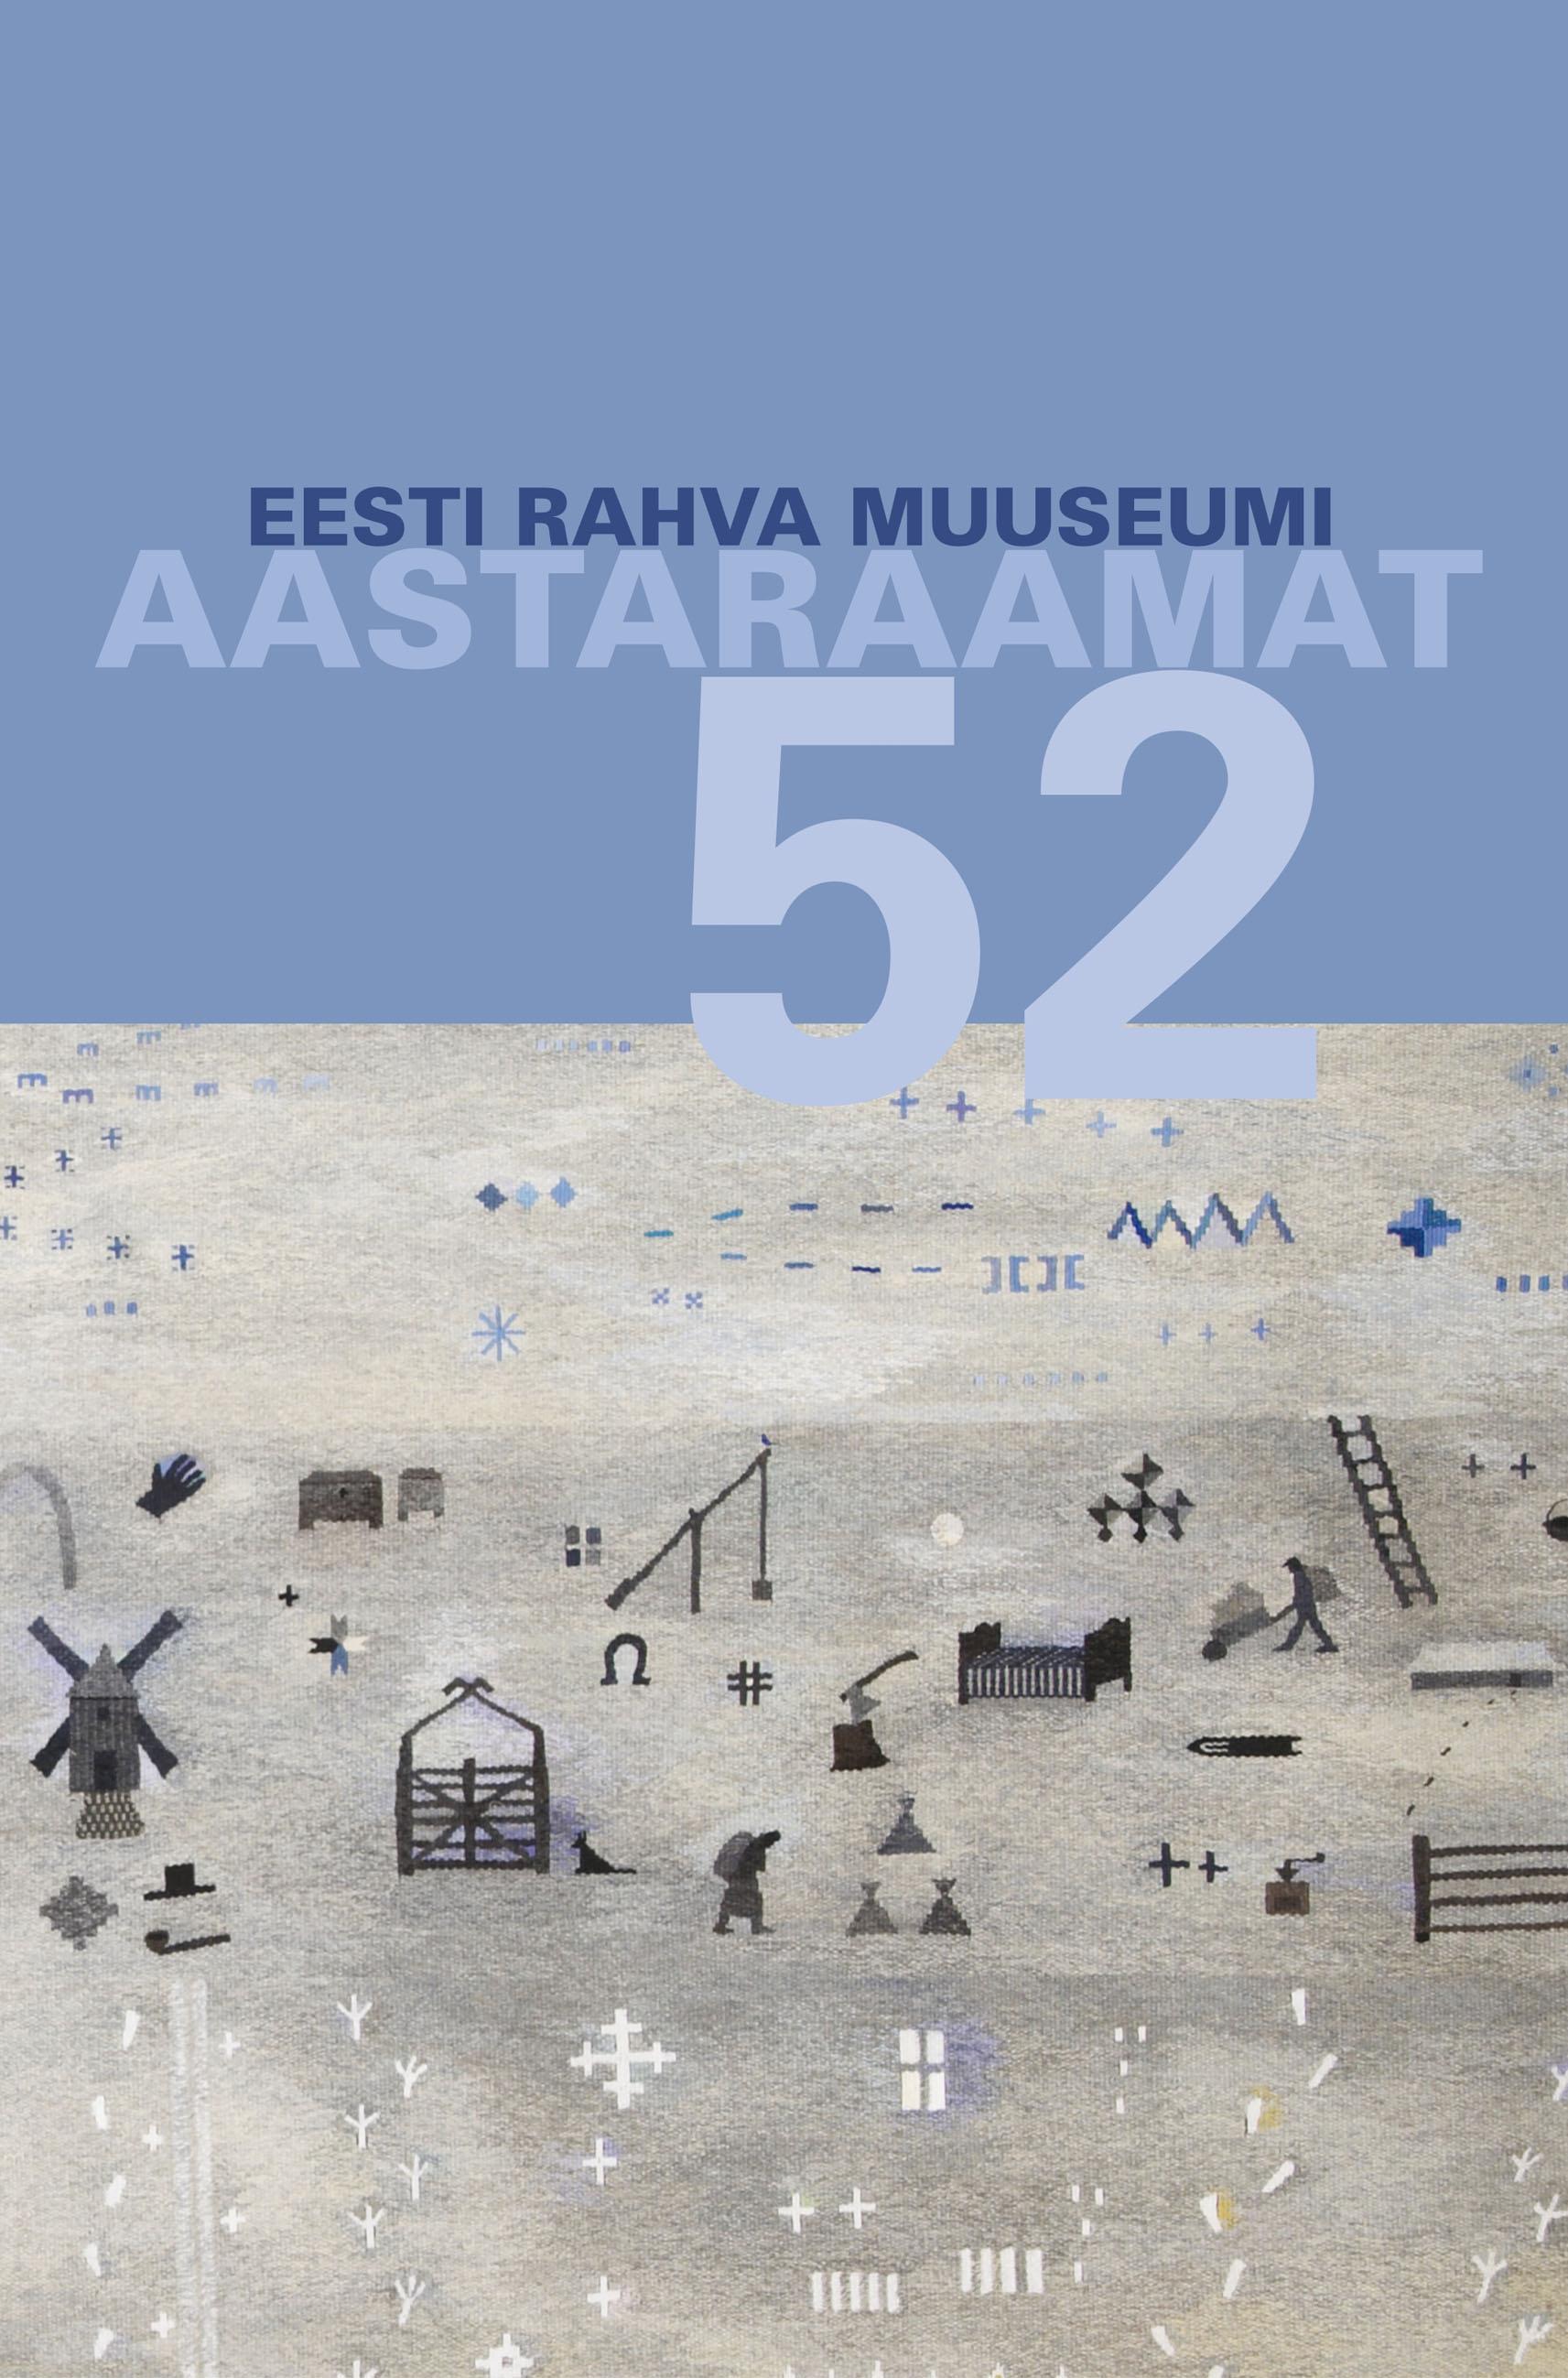 View No. 52 (2009): Eesti Rahva Muuseumi aastaraamat